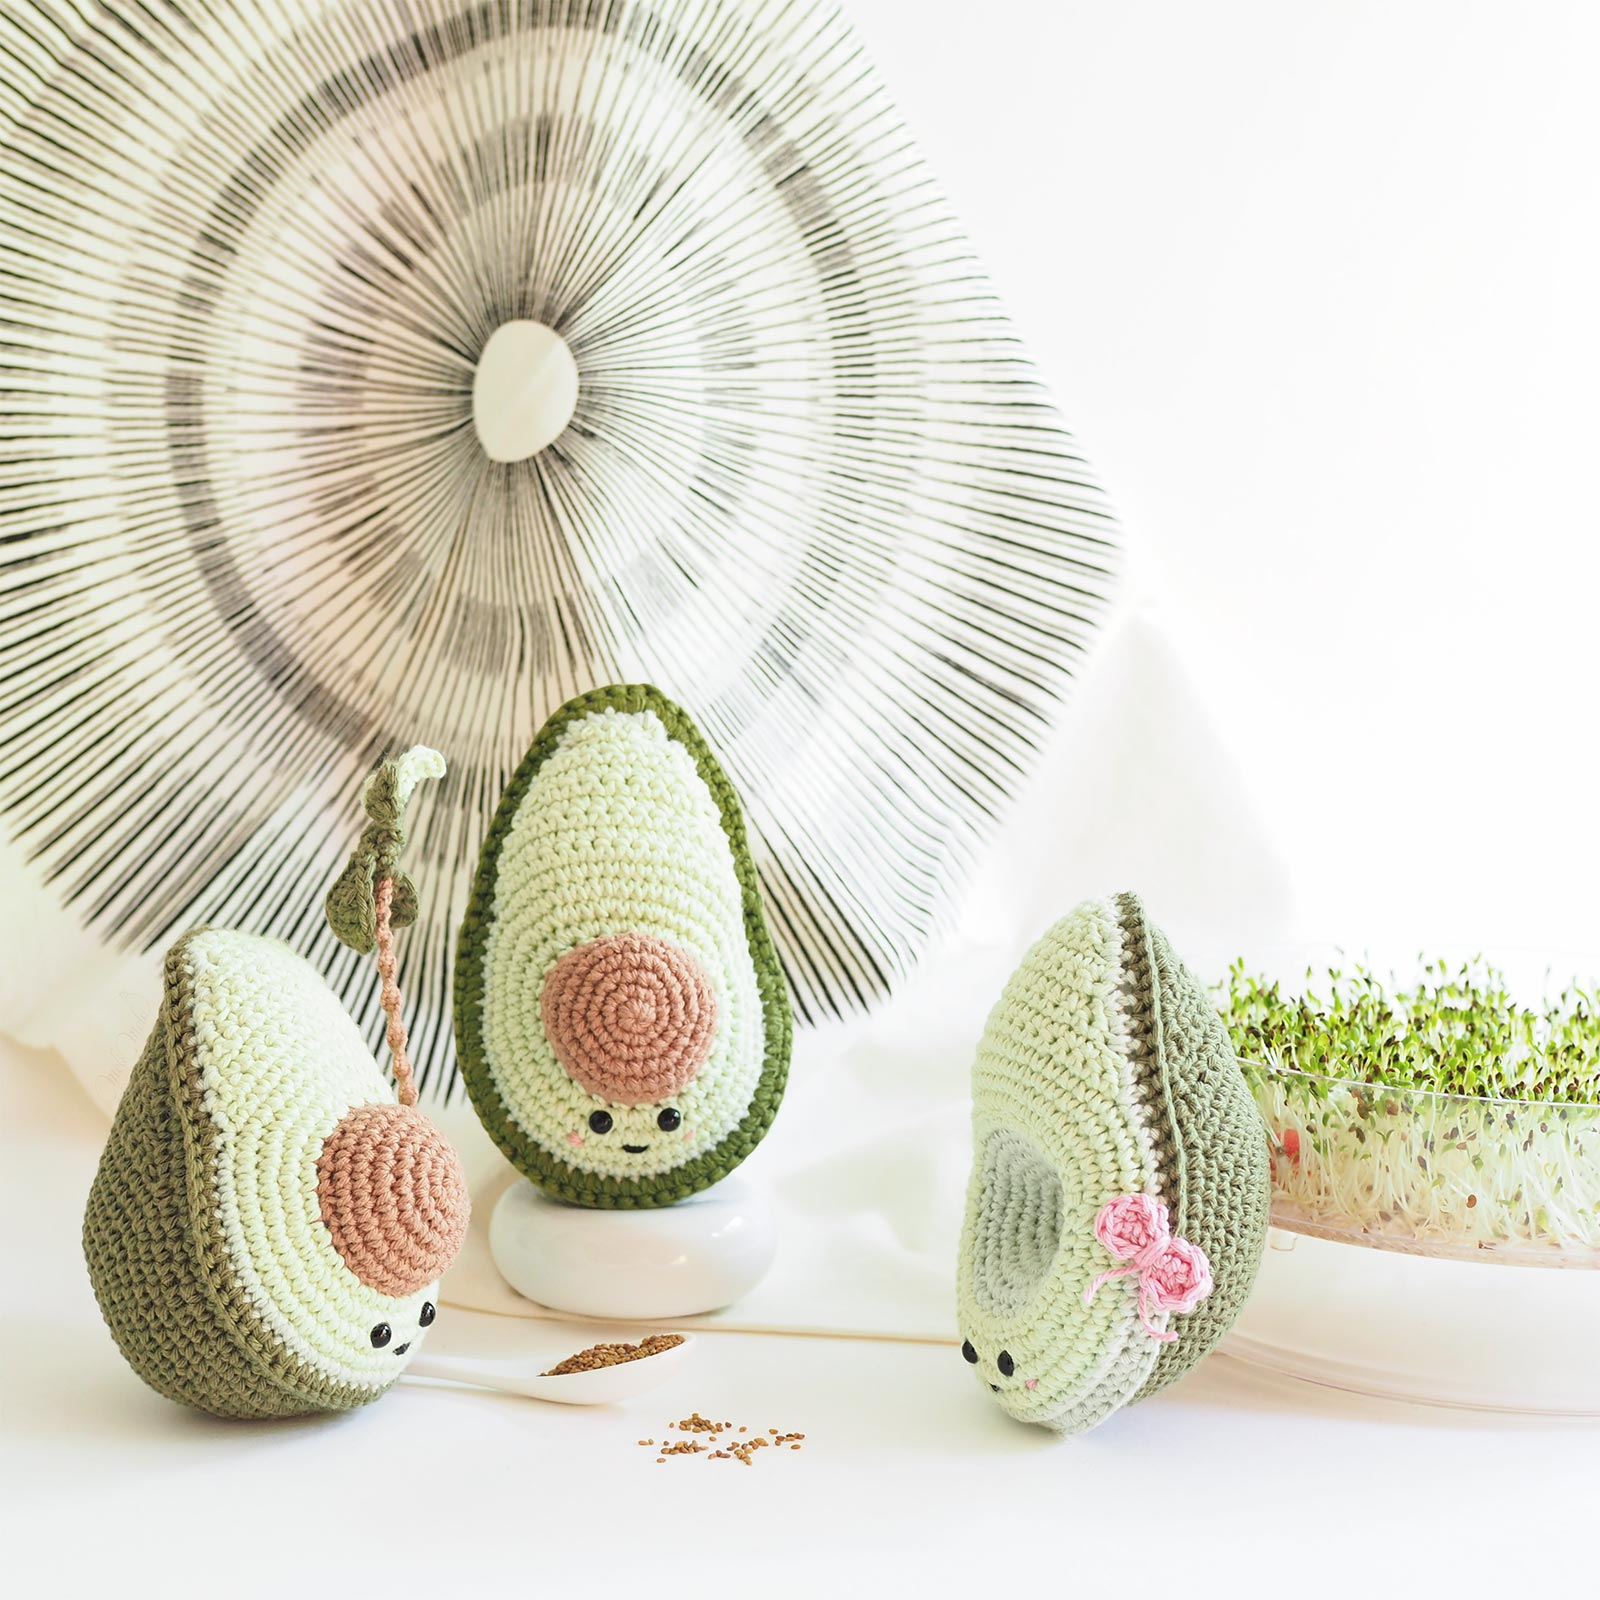 amigurumis avocat crochet avocado germes bio alfafa laboutiquedemelimelo